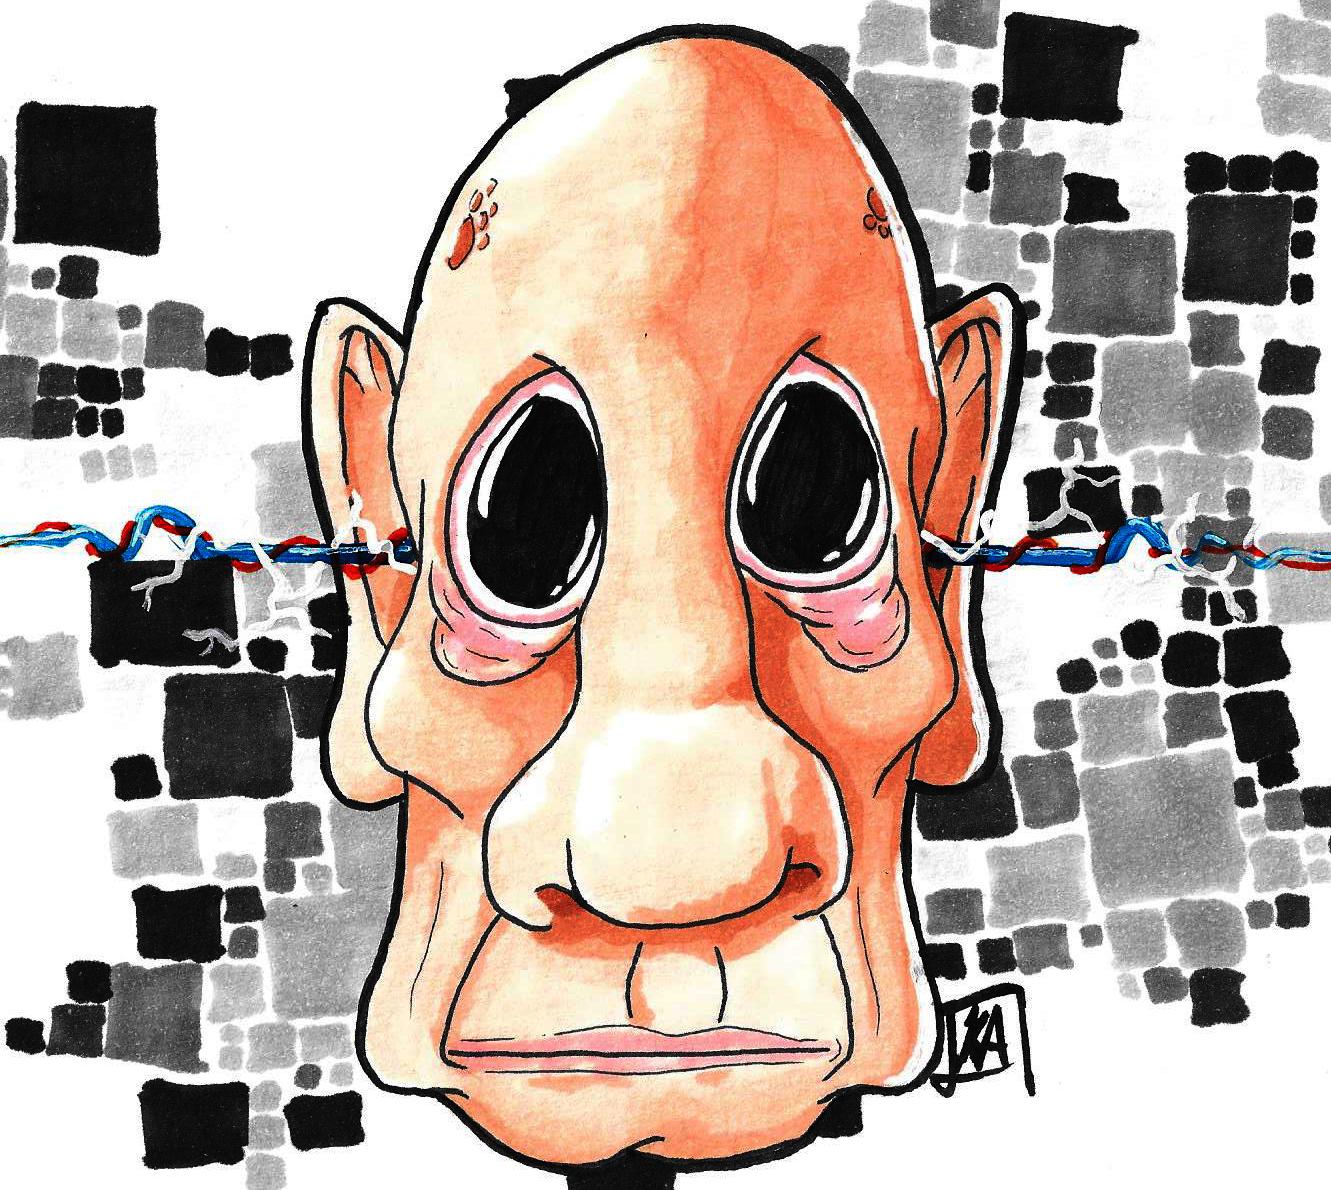 Saggy Bald Man